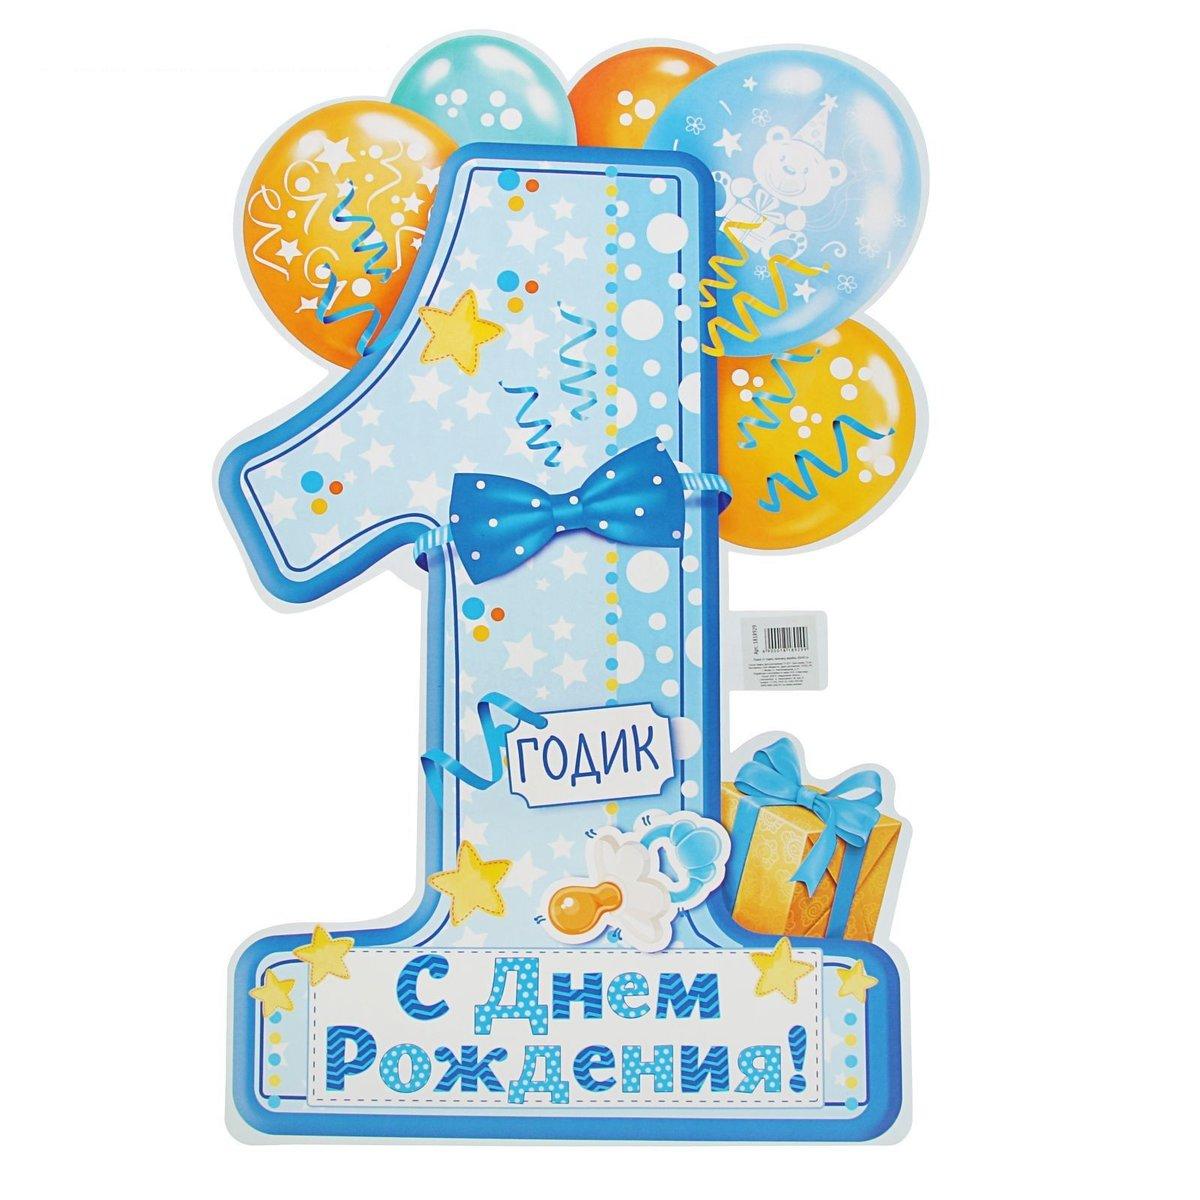 Поздравления для родителей с днем рождения 1 год мальчику/девочке